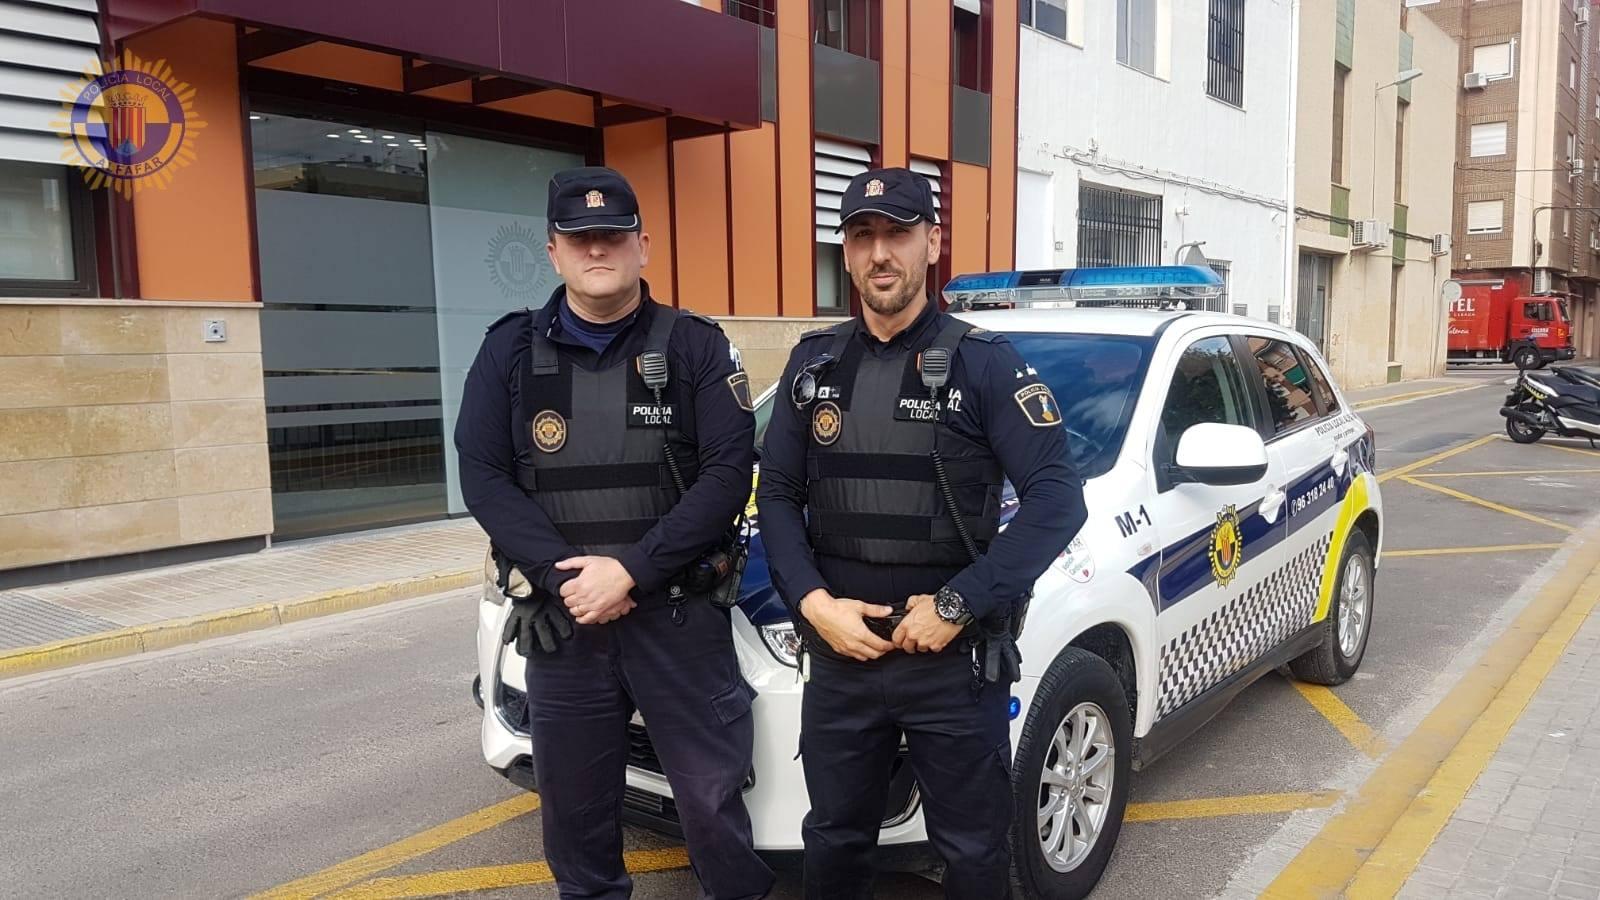 La Policía Local de Alfafar salva la vida de un bebé